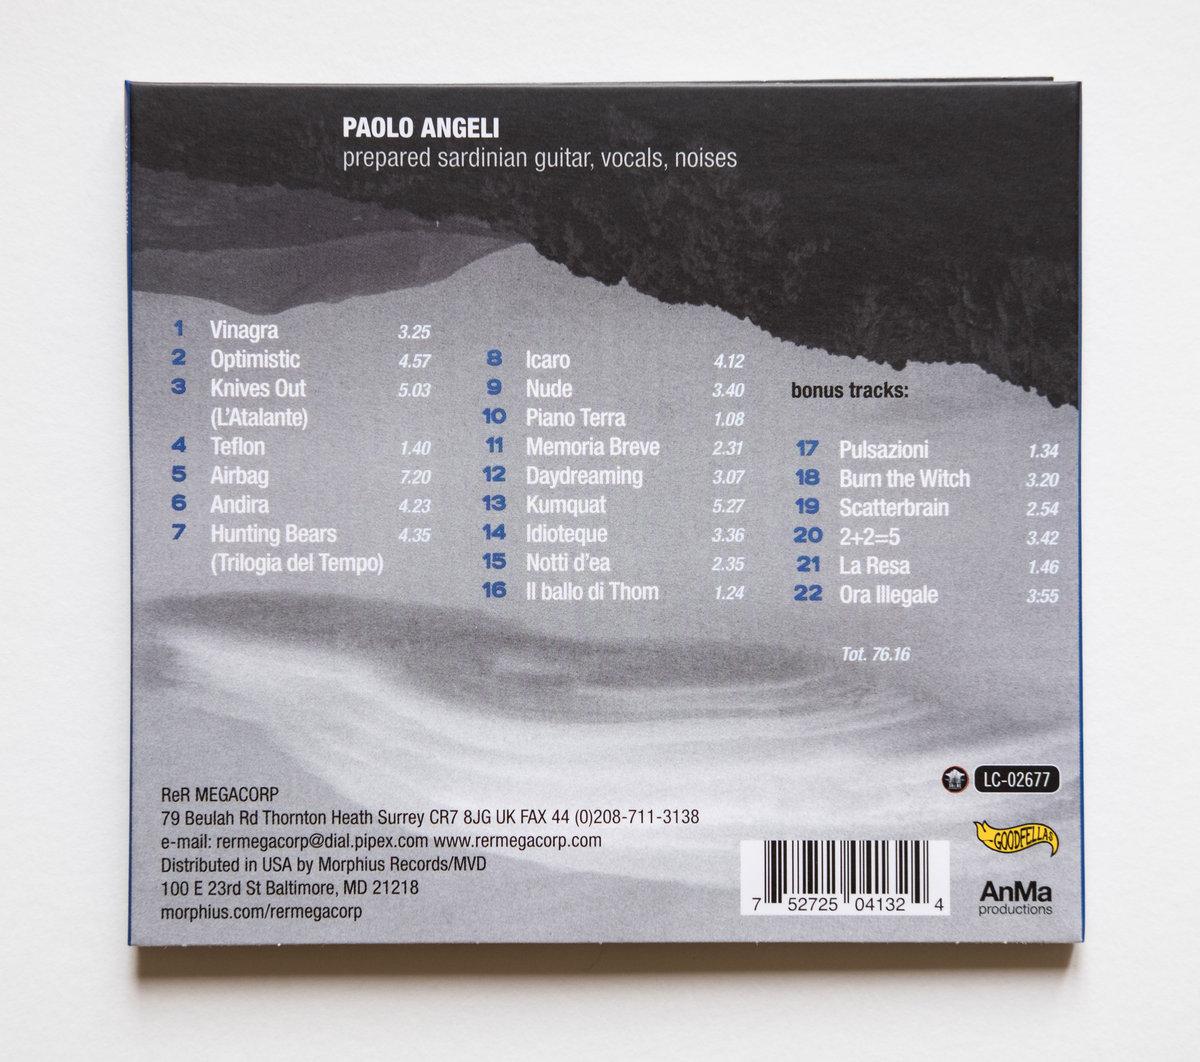 22. 22 free radiohead | paolo angeli.